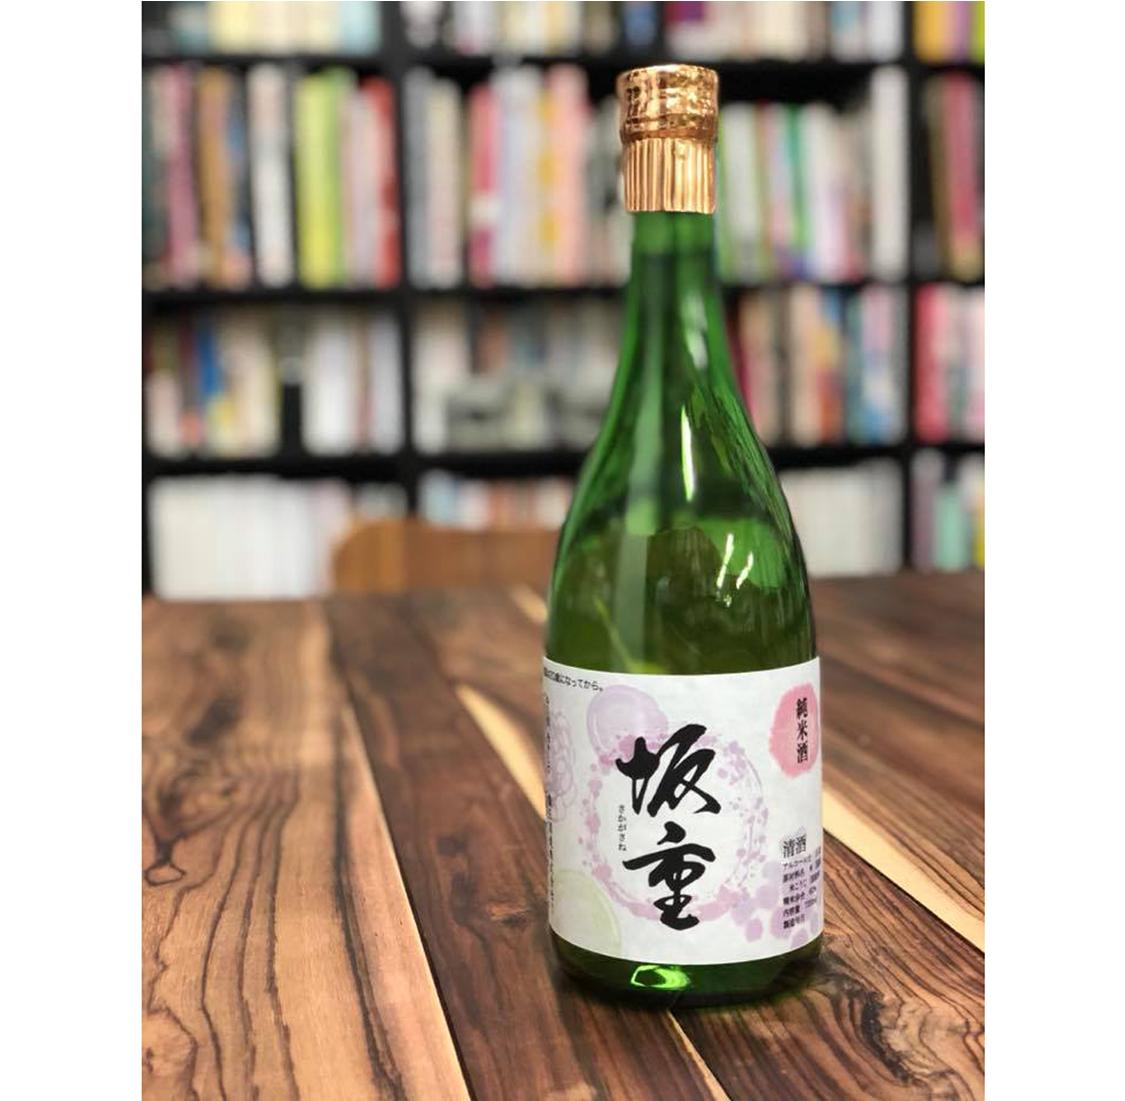 第157回 春の天皇賞限定 日本酒ラベルデザイン